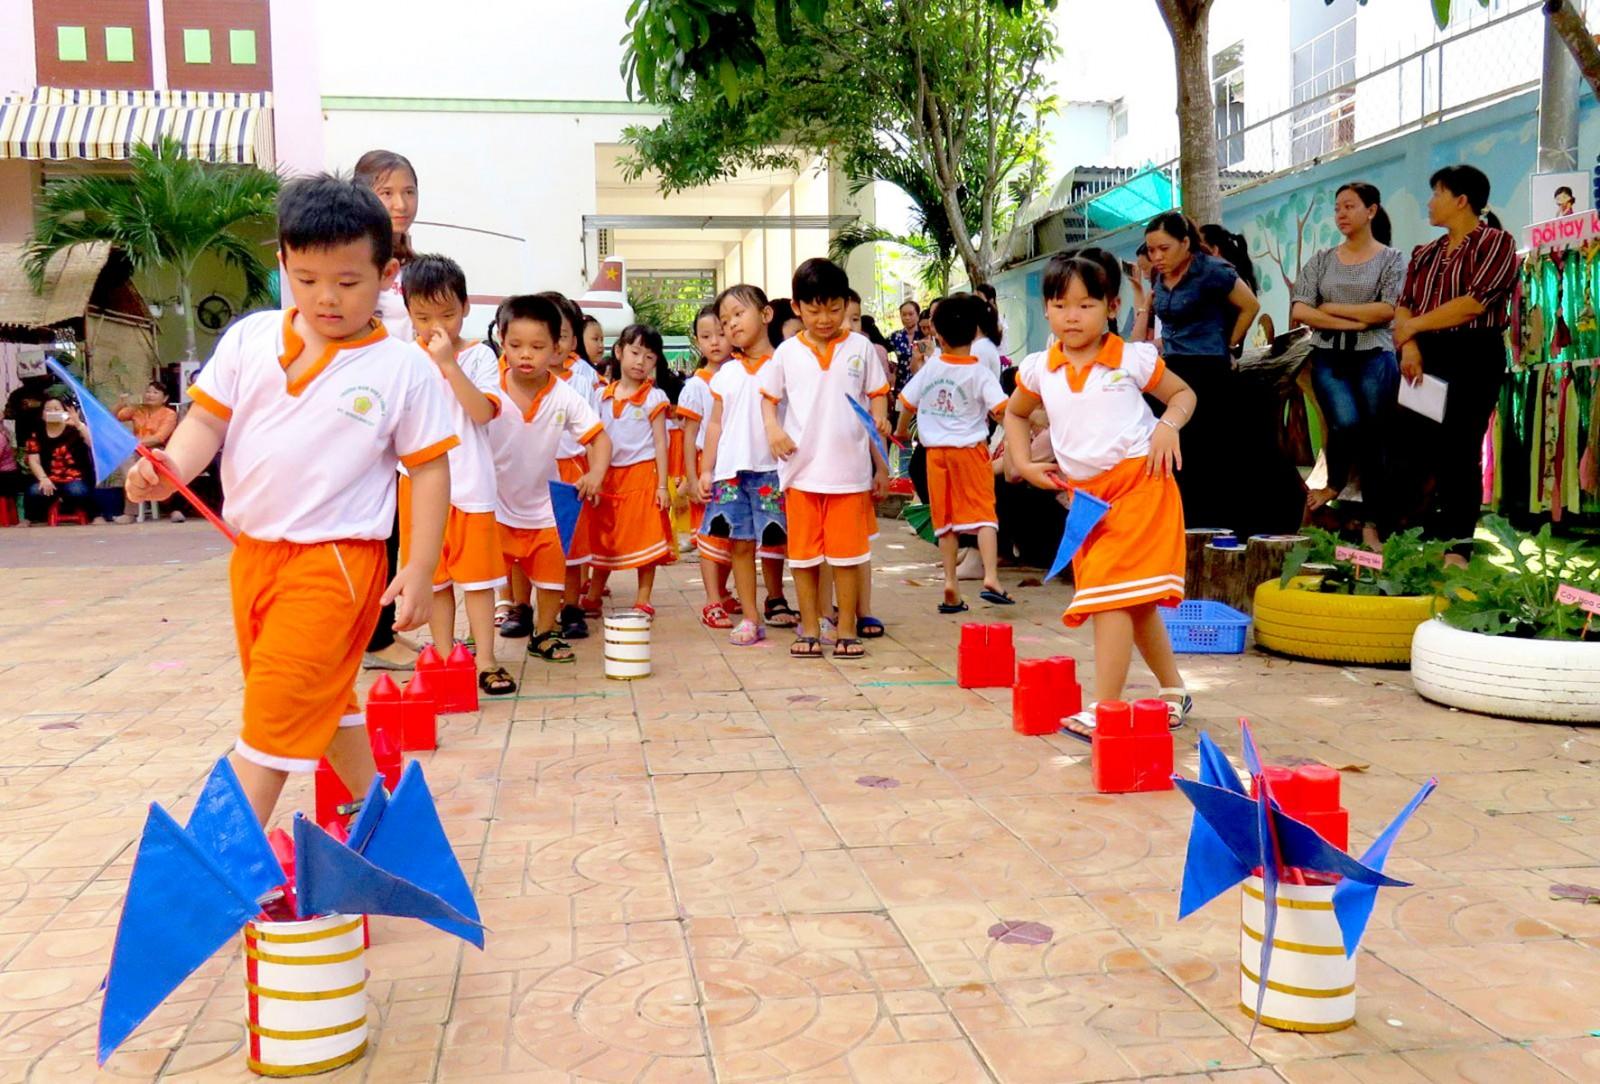 Giờ hoạt động ngoại khóa của các bé Trường Mầm non 2 Tháng 9.